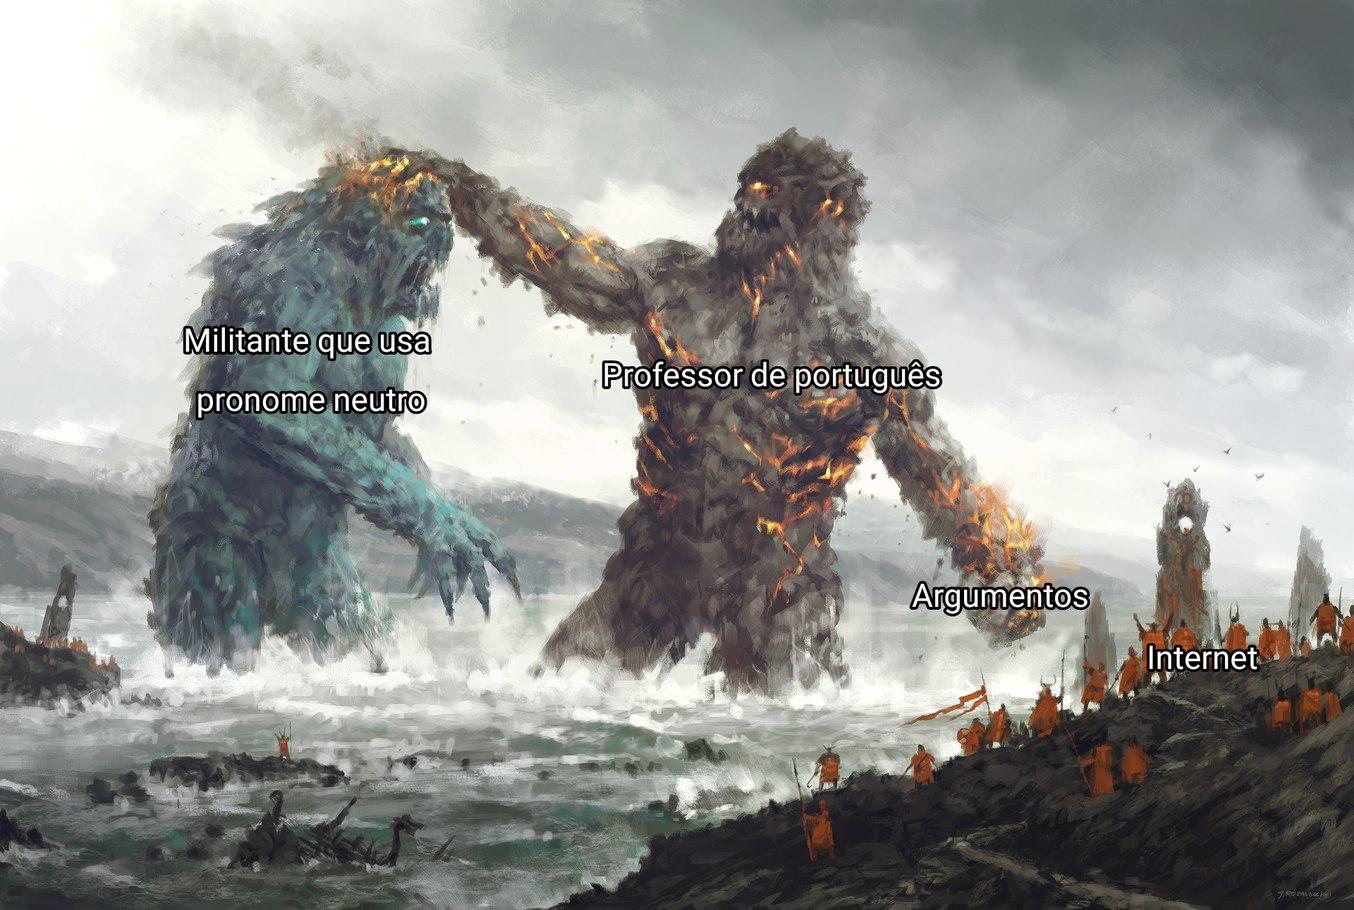 Soladores de retardados - meme